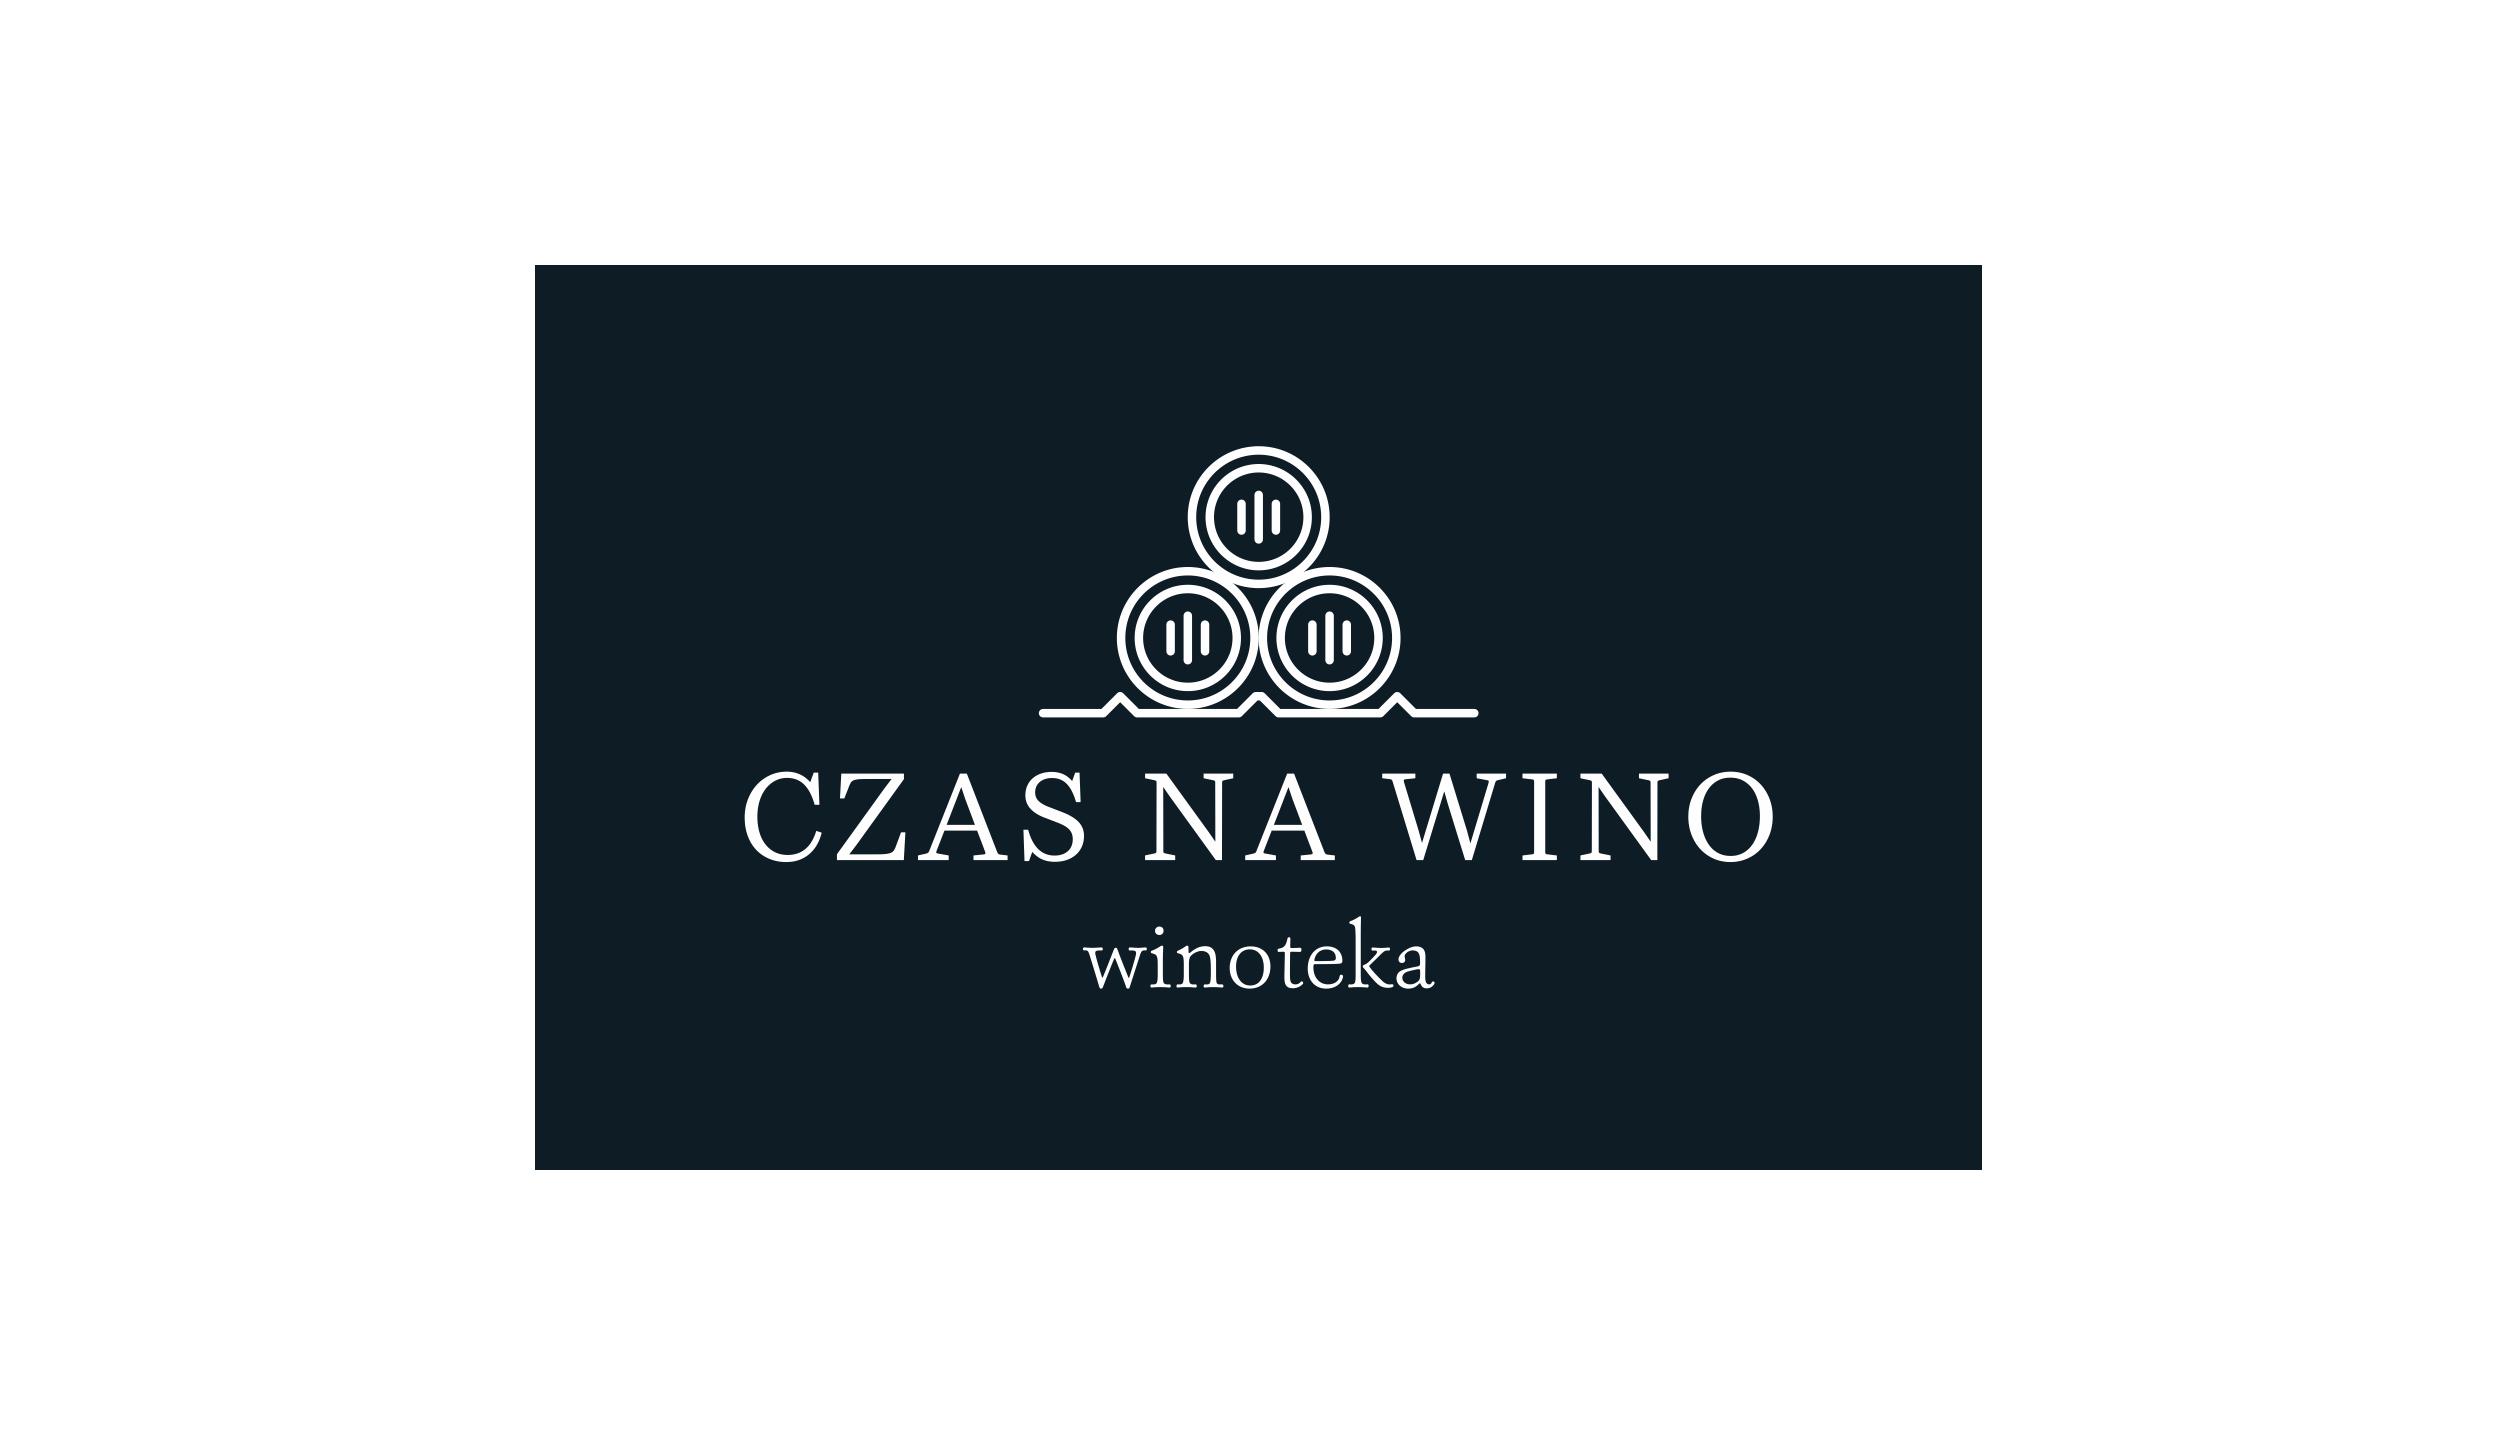 Czas na wino